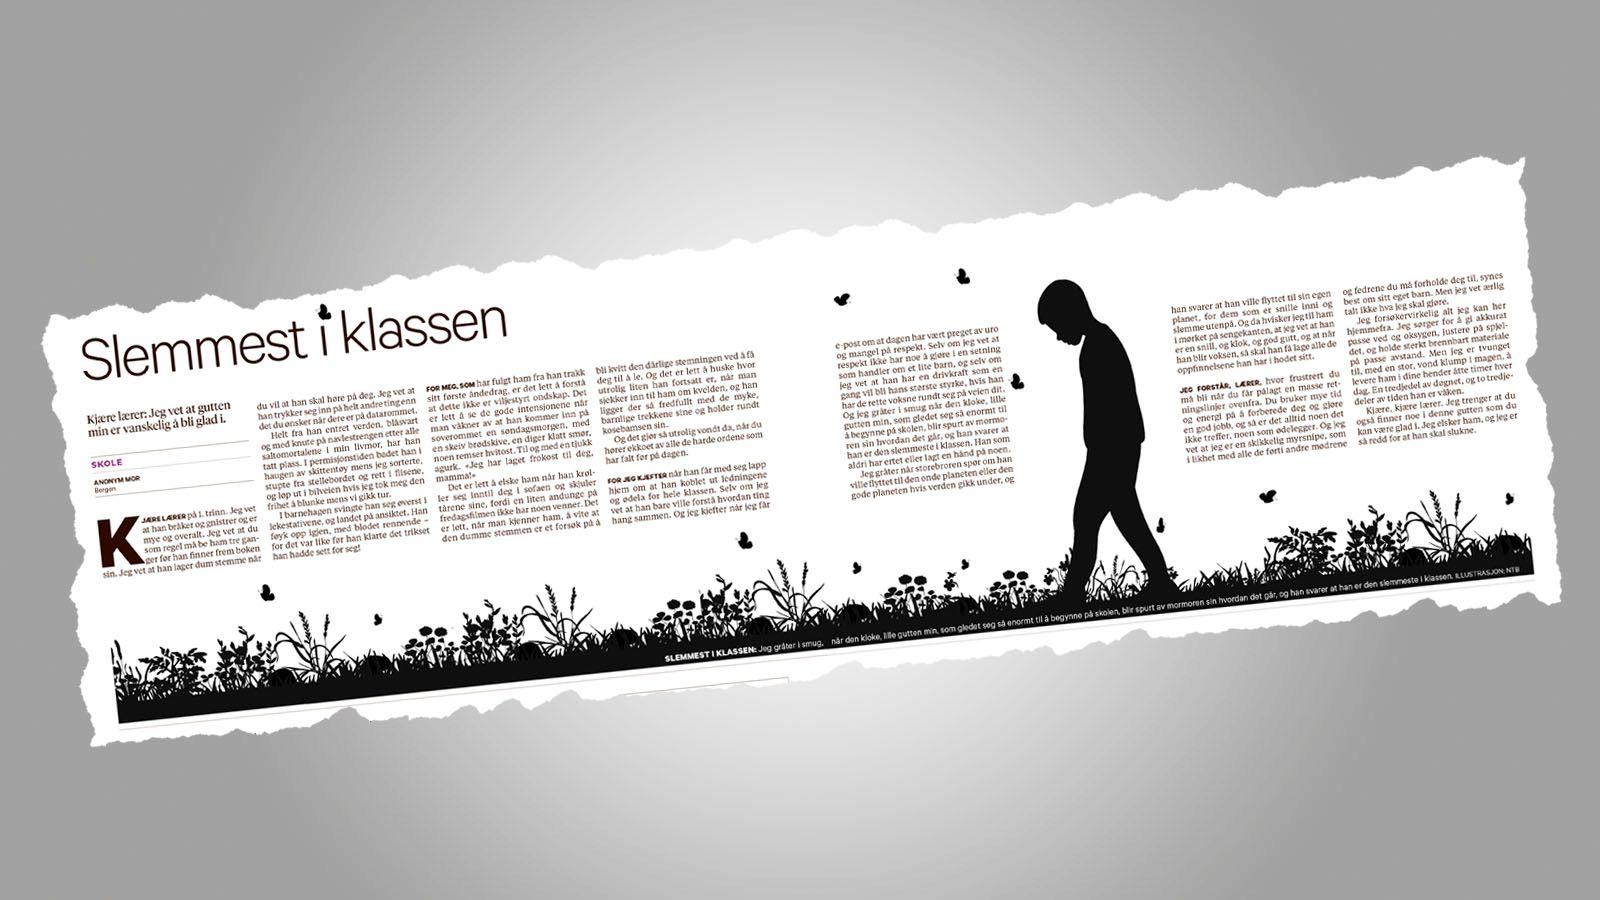 ENGASJERER: Over 140.000 har lest innlegget fra en anonym mor, og teksten var den mest delte i Norge lørdag. FAKSIMILE: BT 2. FEBRUAR